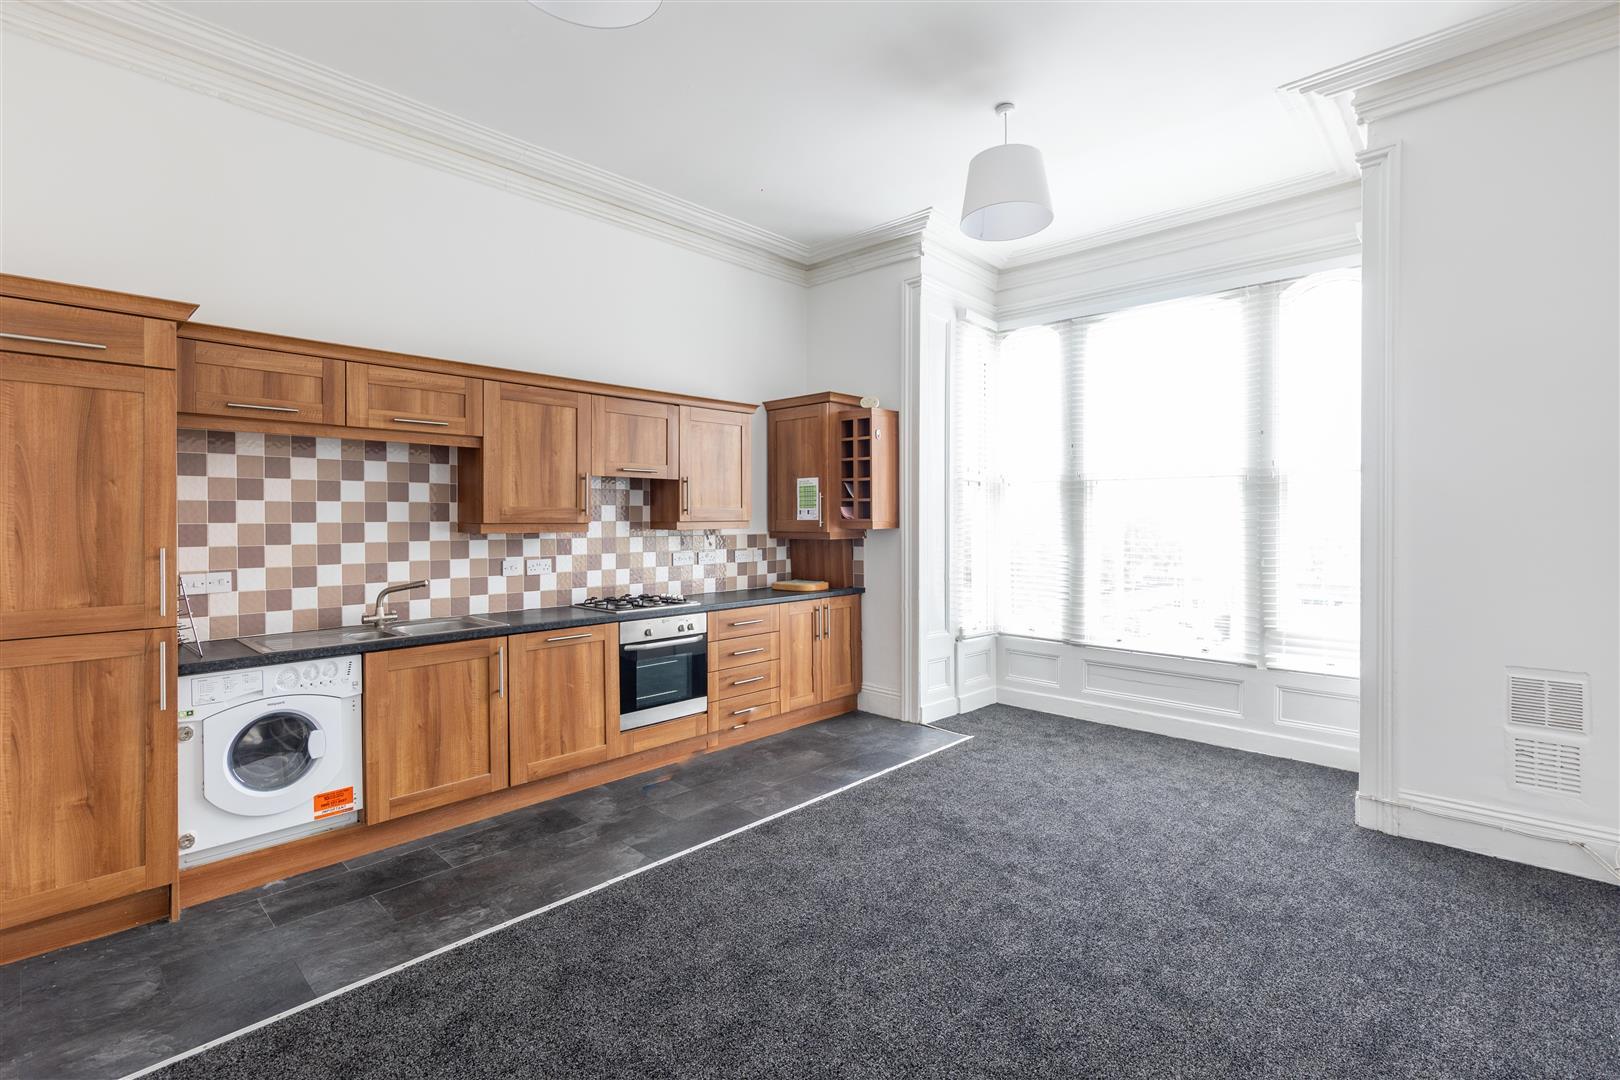 2 bed apartment to rent in Sunderland, SR2 8HA, SR2